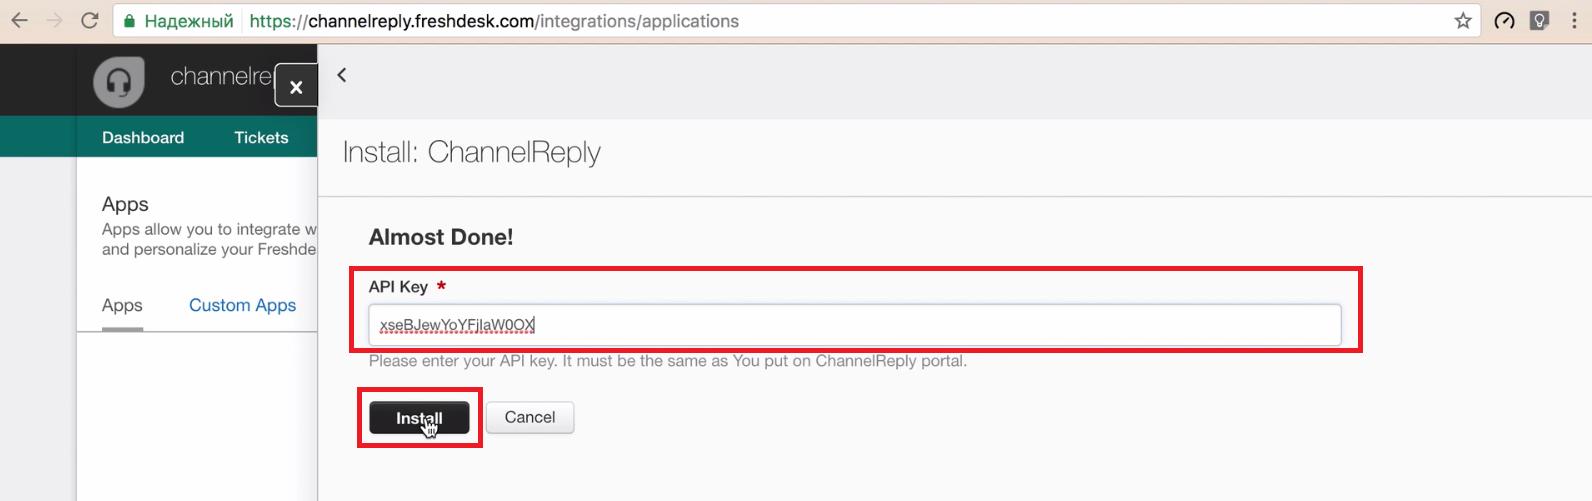 Installing ChannelReply on Freshdesk